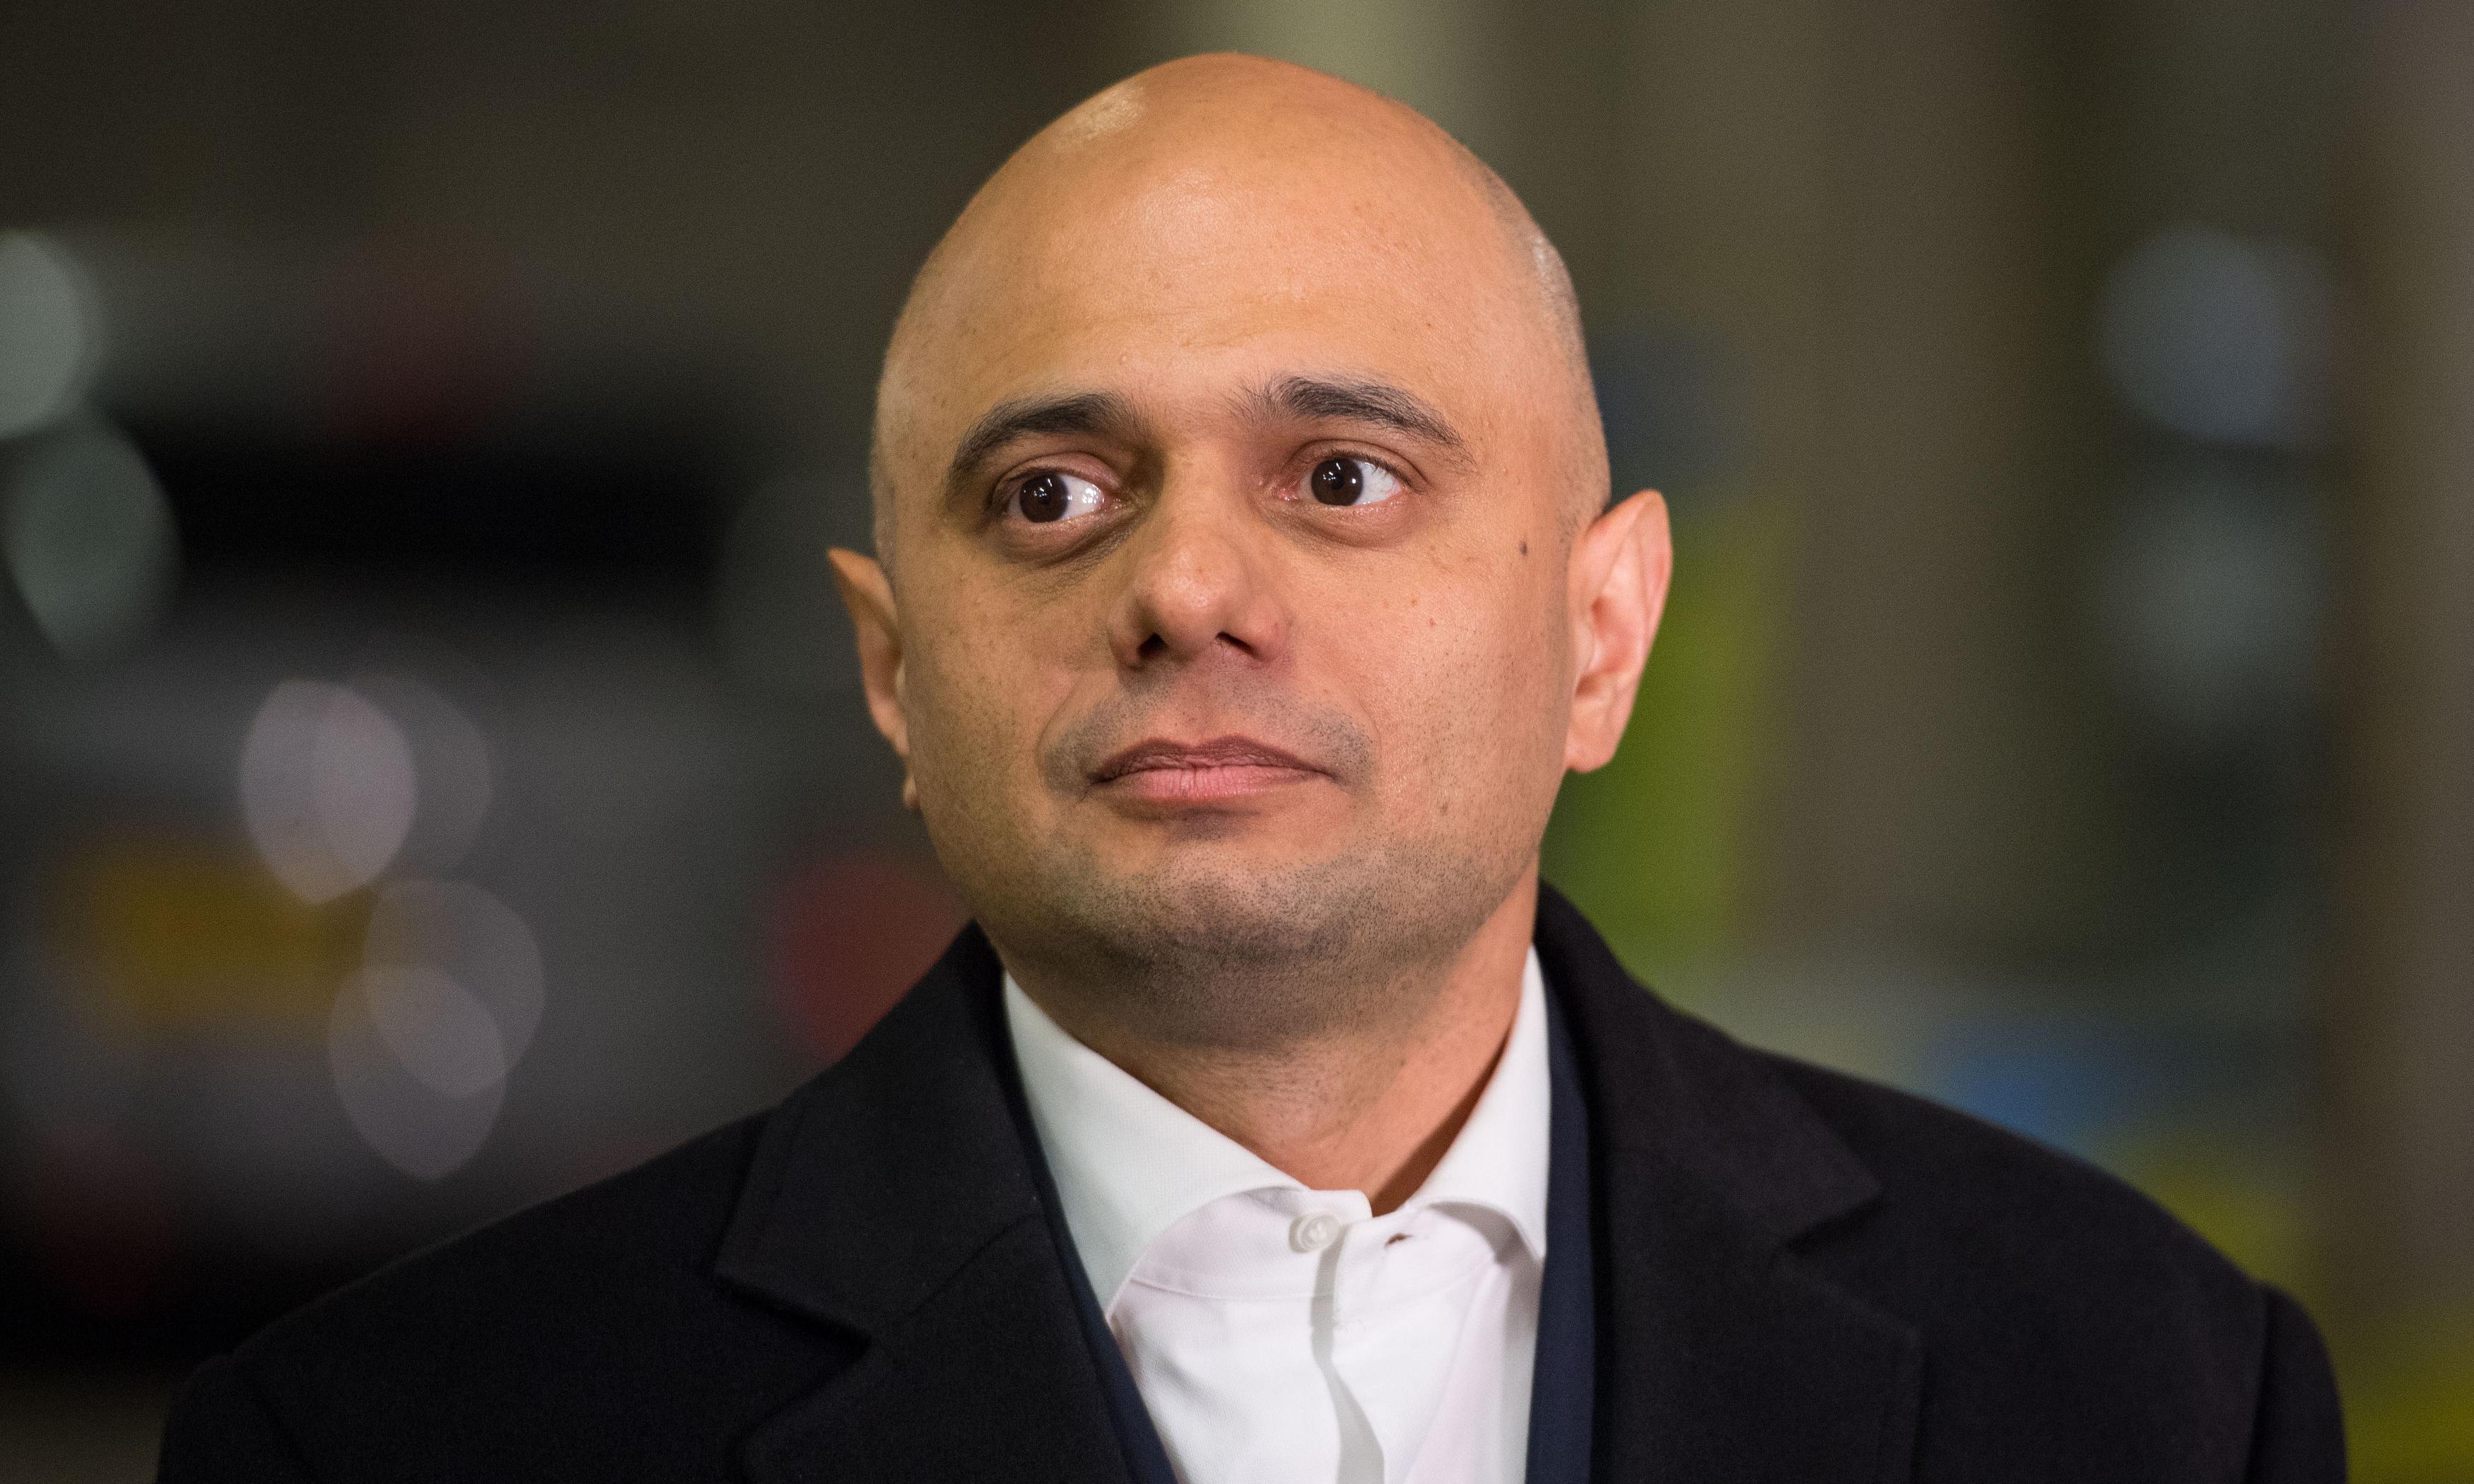 Sajid Javid warns EU counterparts of joint policing 'disruption'